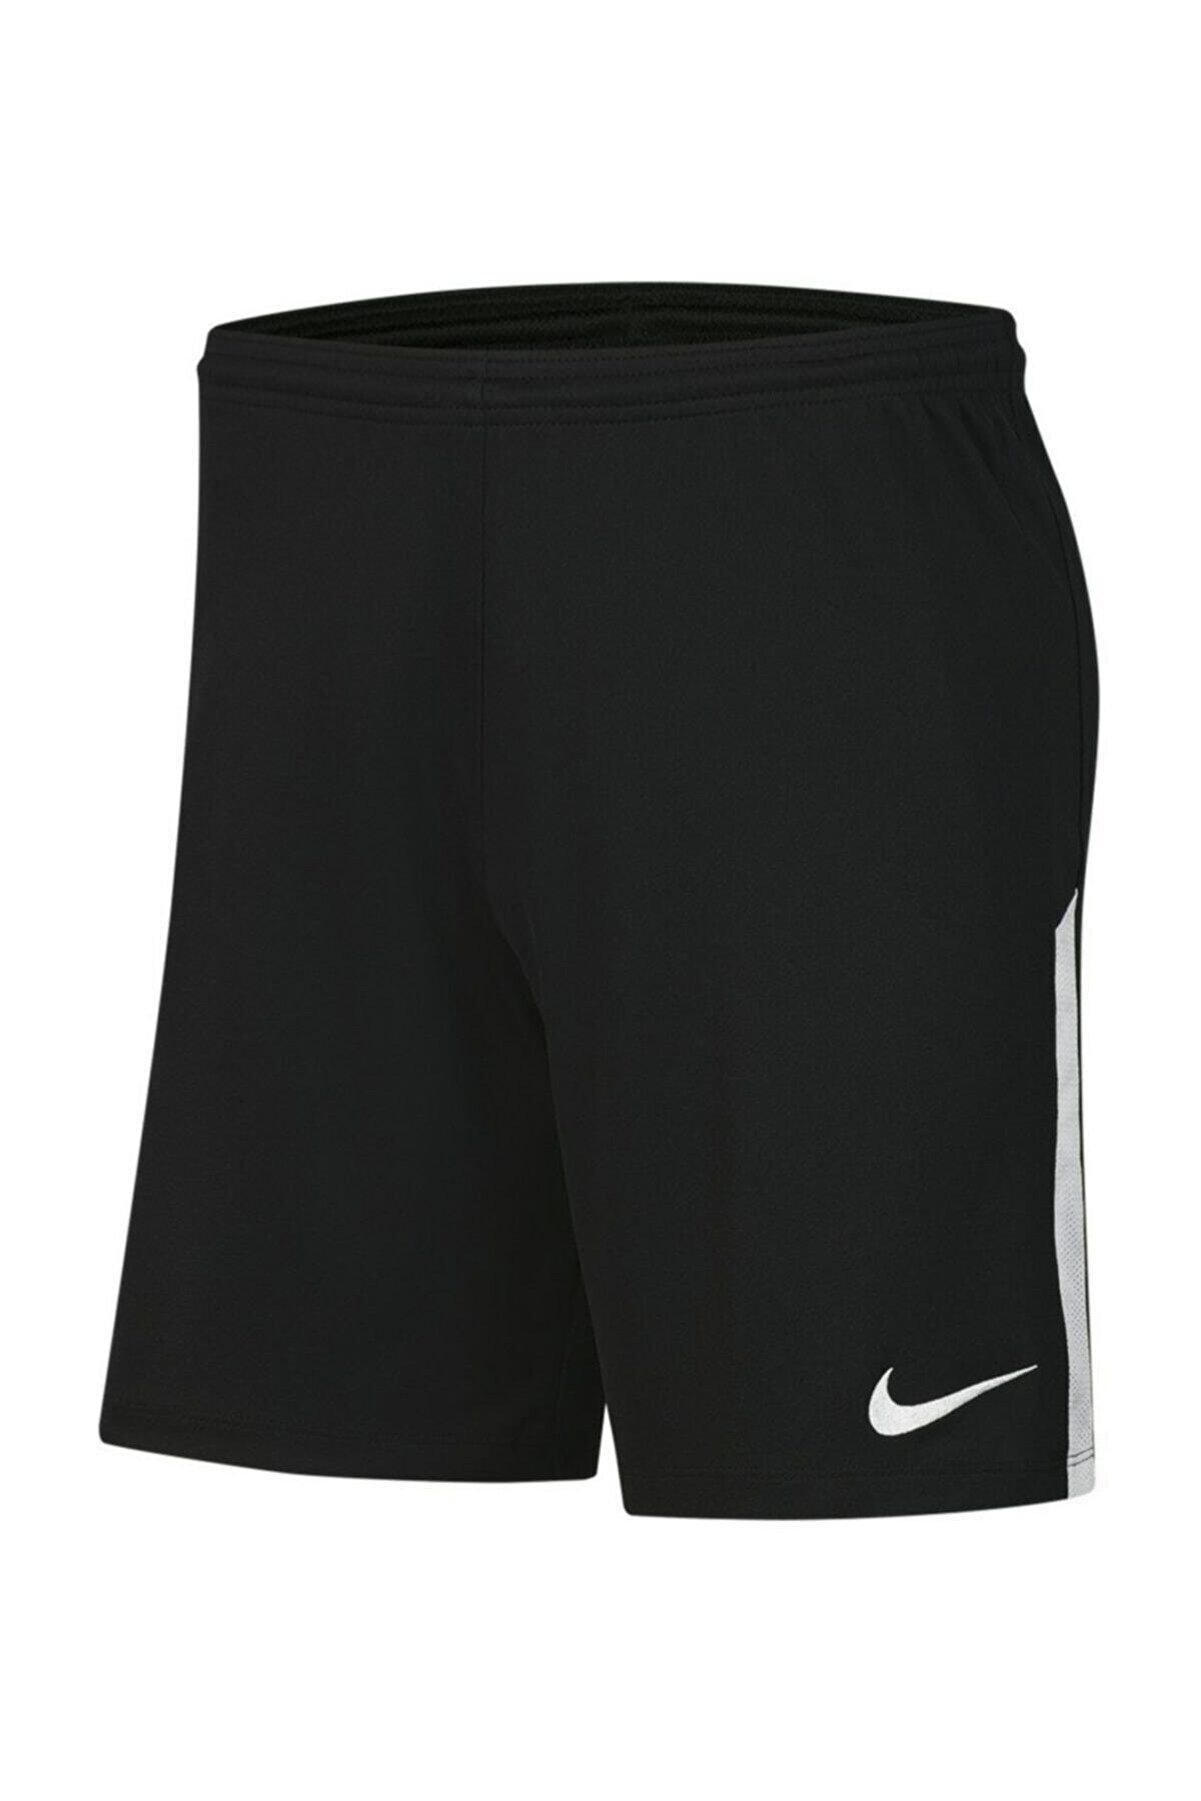 Nike Bv6852-010 M Nk Dry Lge Knıt Iı Short Nb Erkek Şort